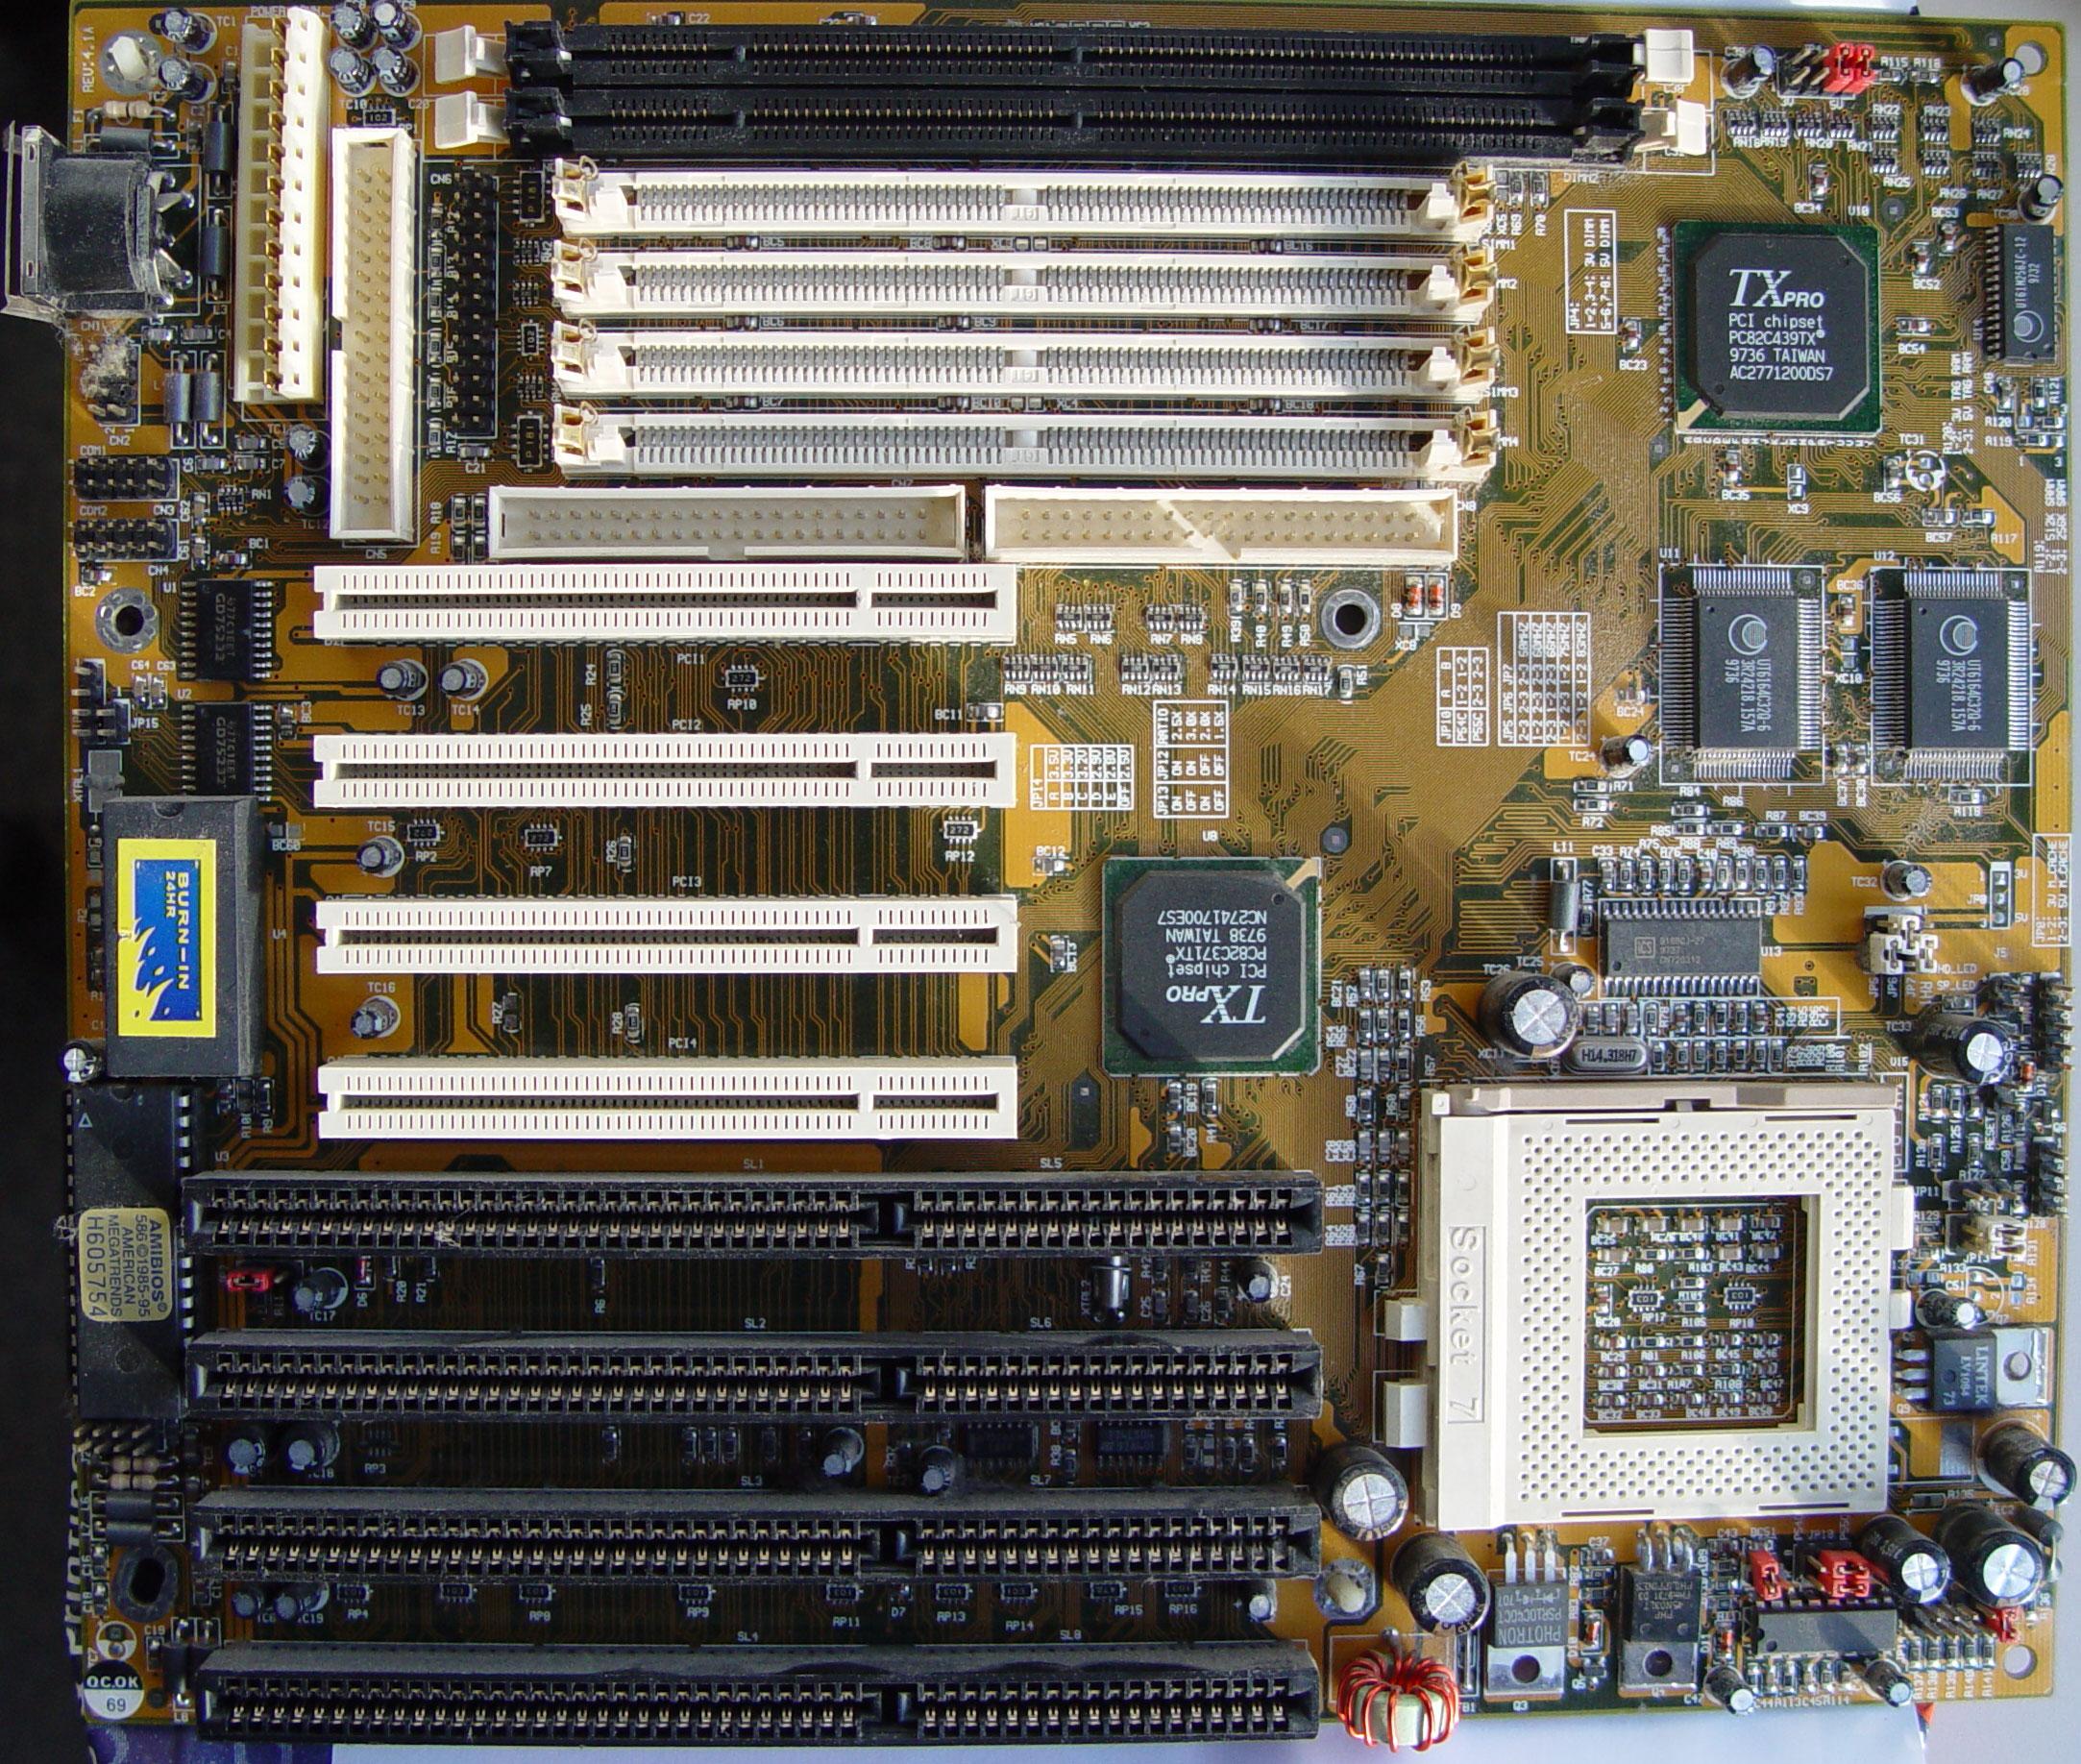 ATI GRAPHICS PRO TURBO PCI ATIM64 VT DRIVER DOWNLOAD